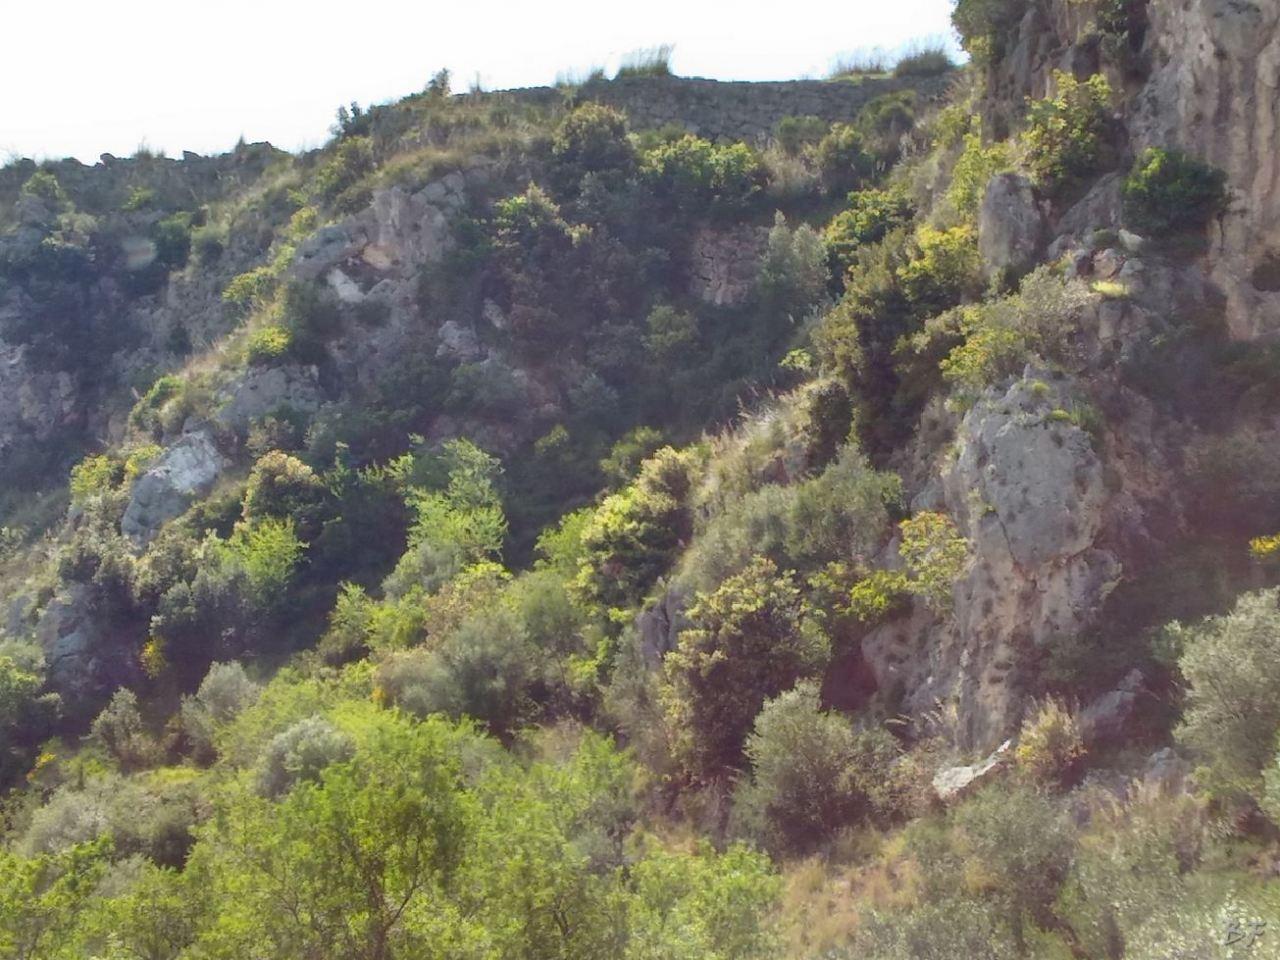 Norba-Mura-Megalitiche-Poligonali-Latina-Lazio-Italia-6